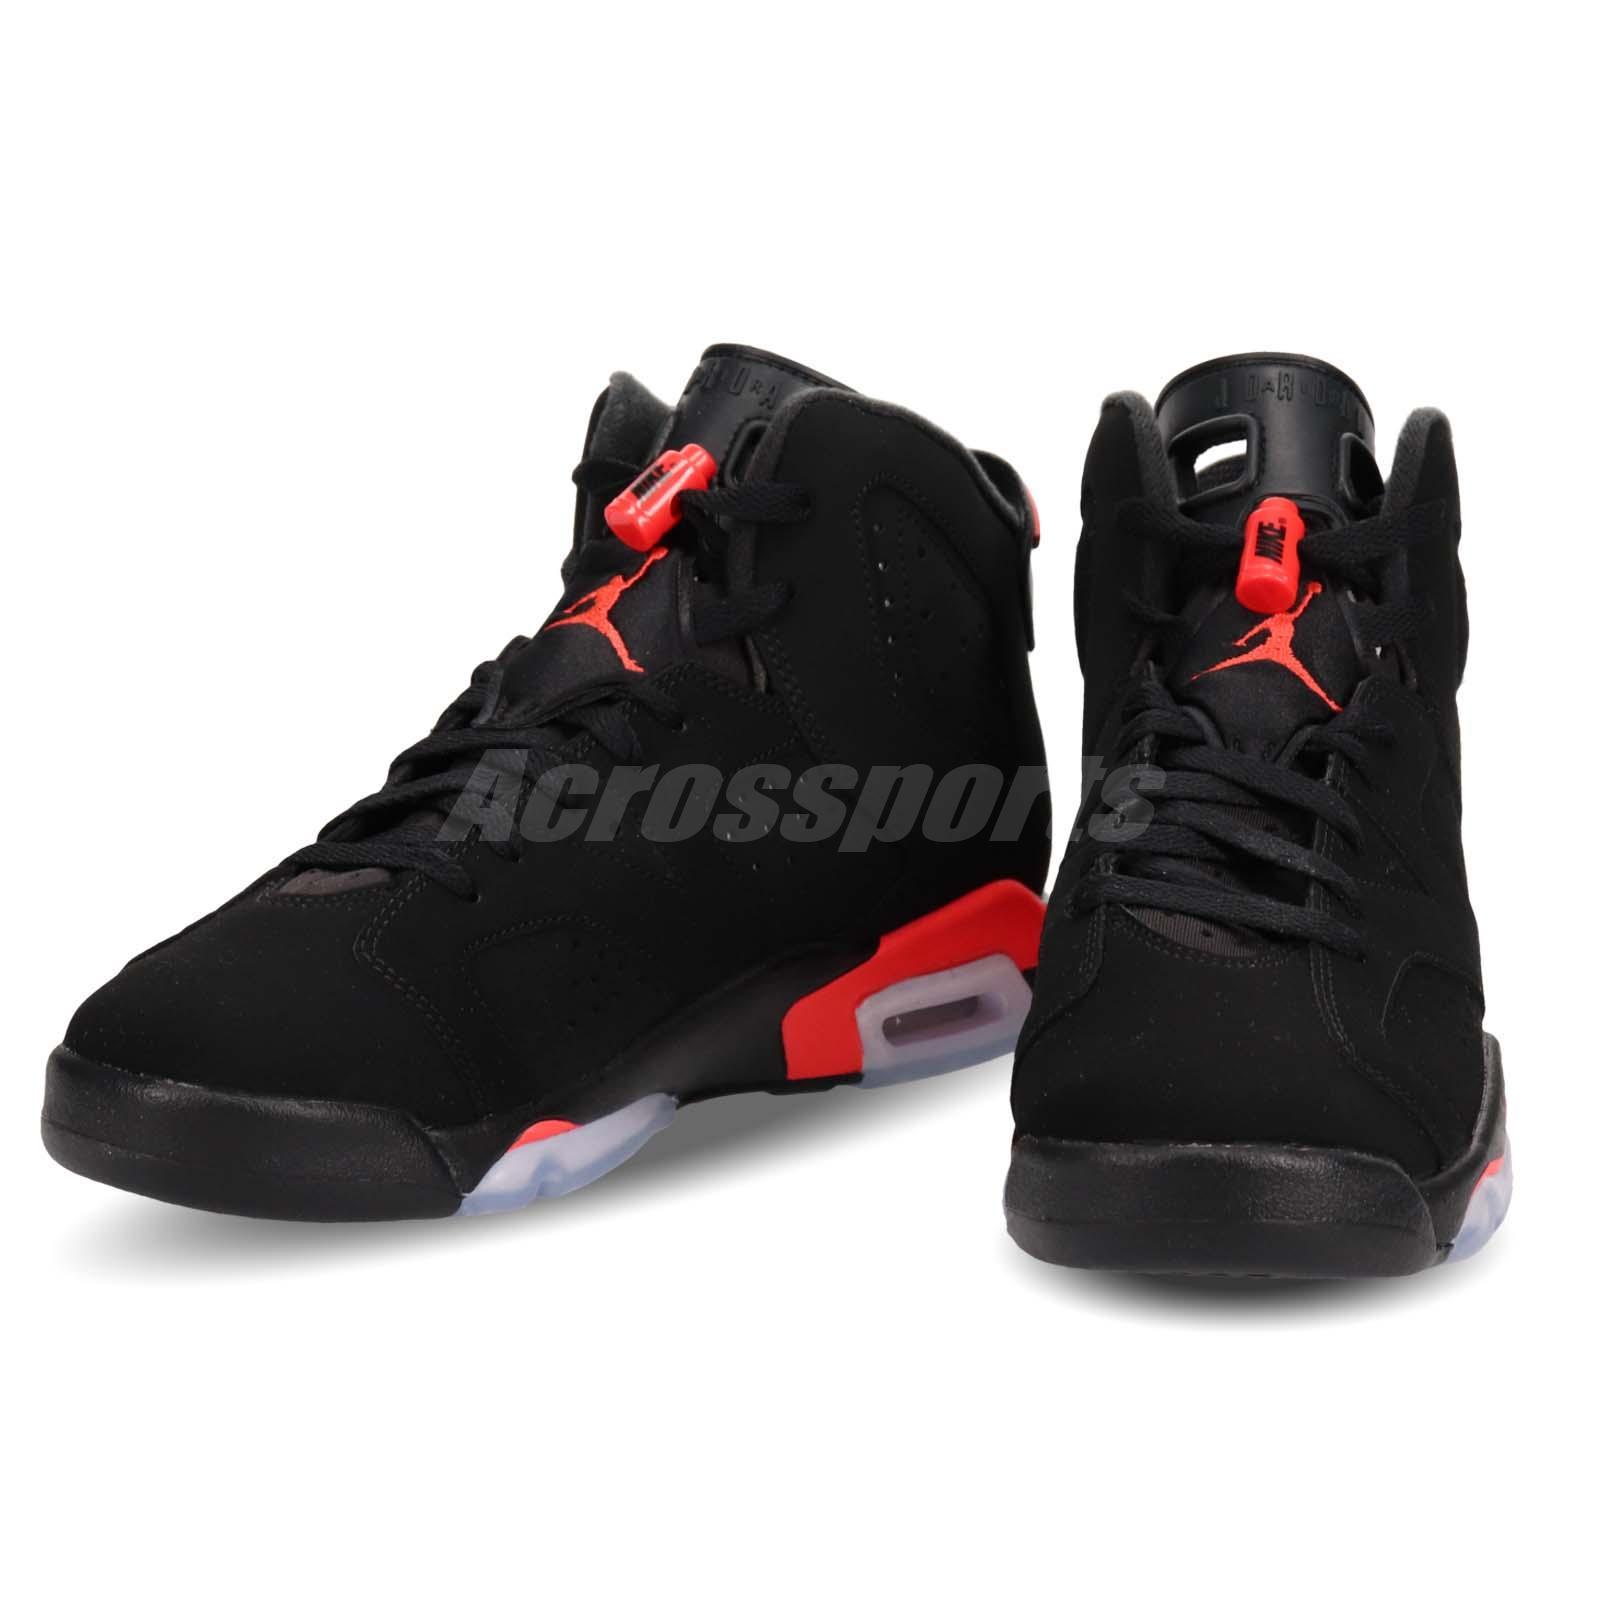 best loved 7af2c 1bc42 Details about Nike Air Jordan 6 Retro BG Infrared Black 6s OG 2019 Release  Preorder 384665-060